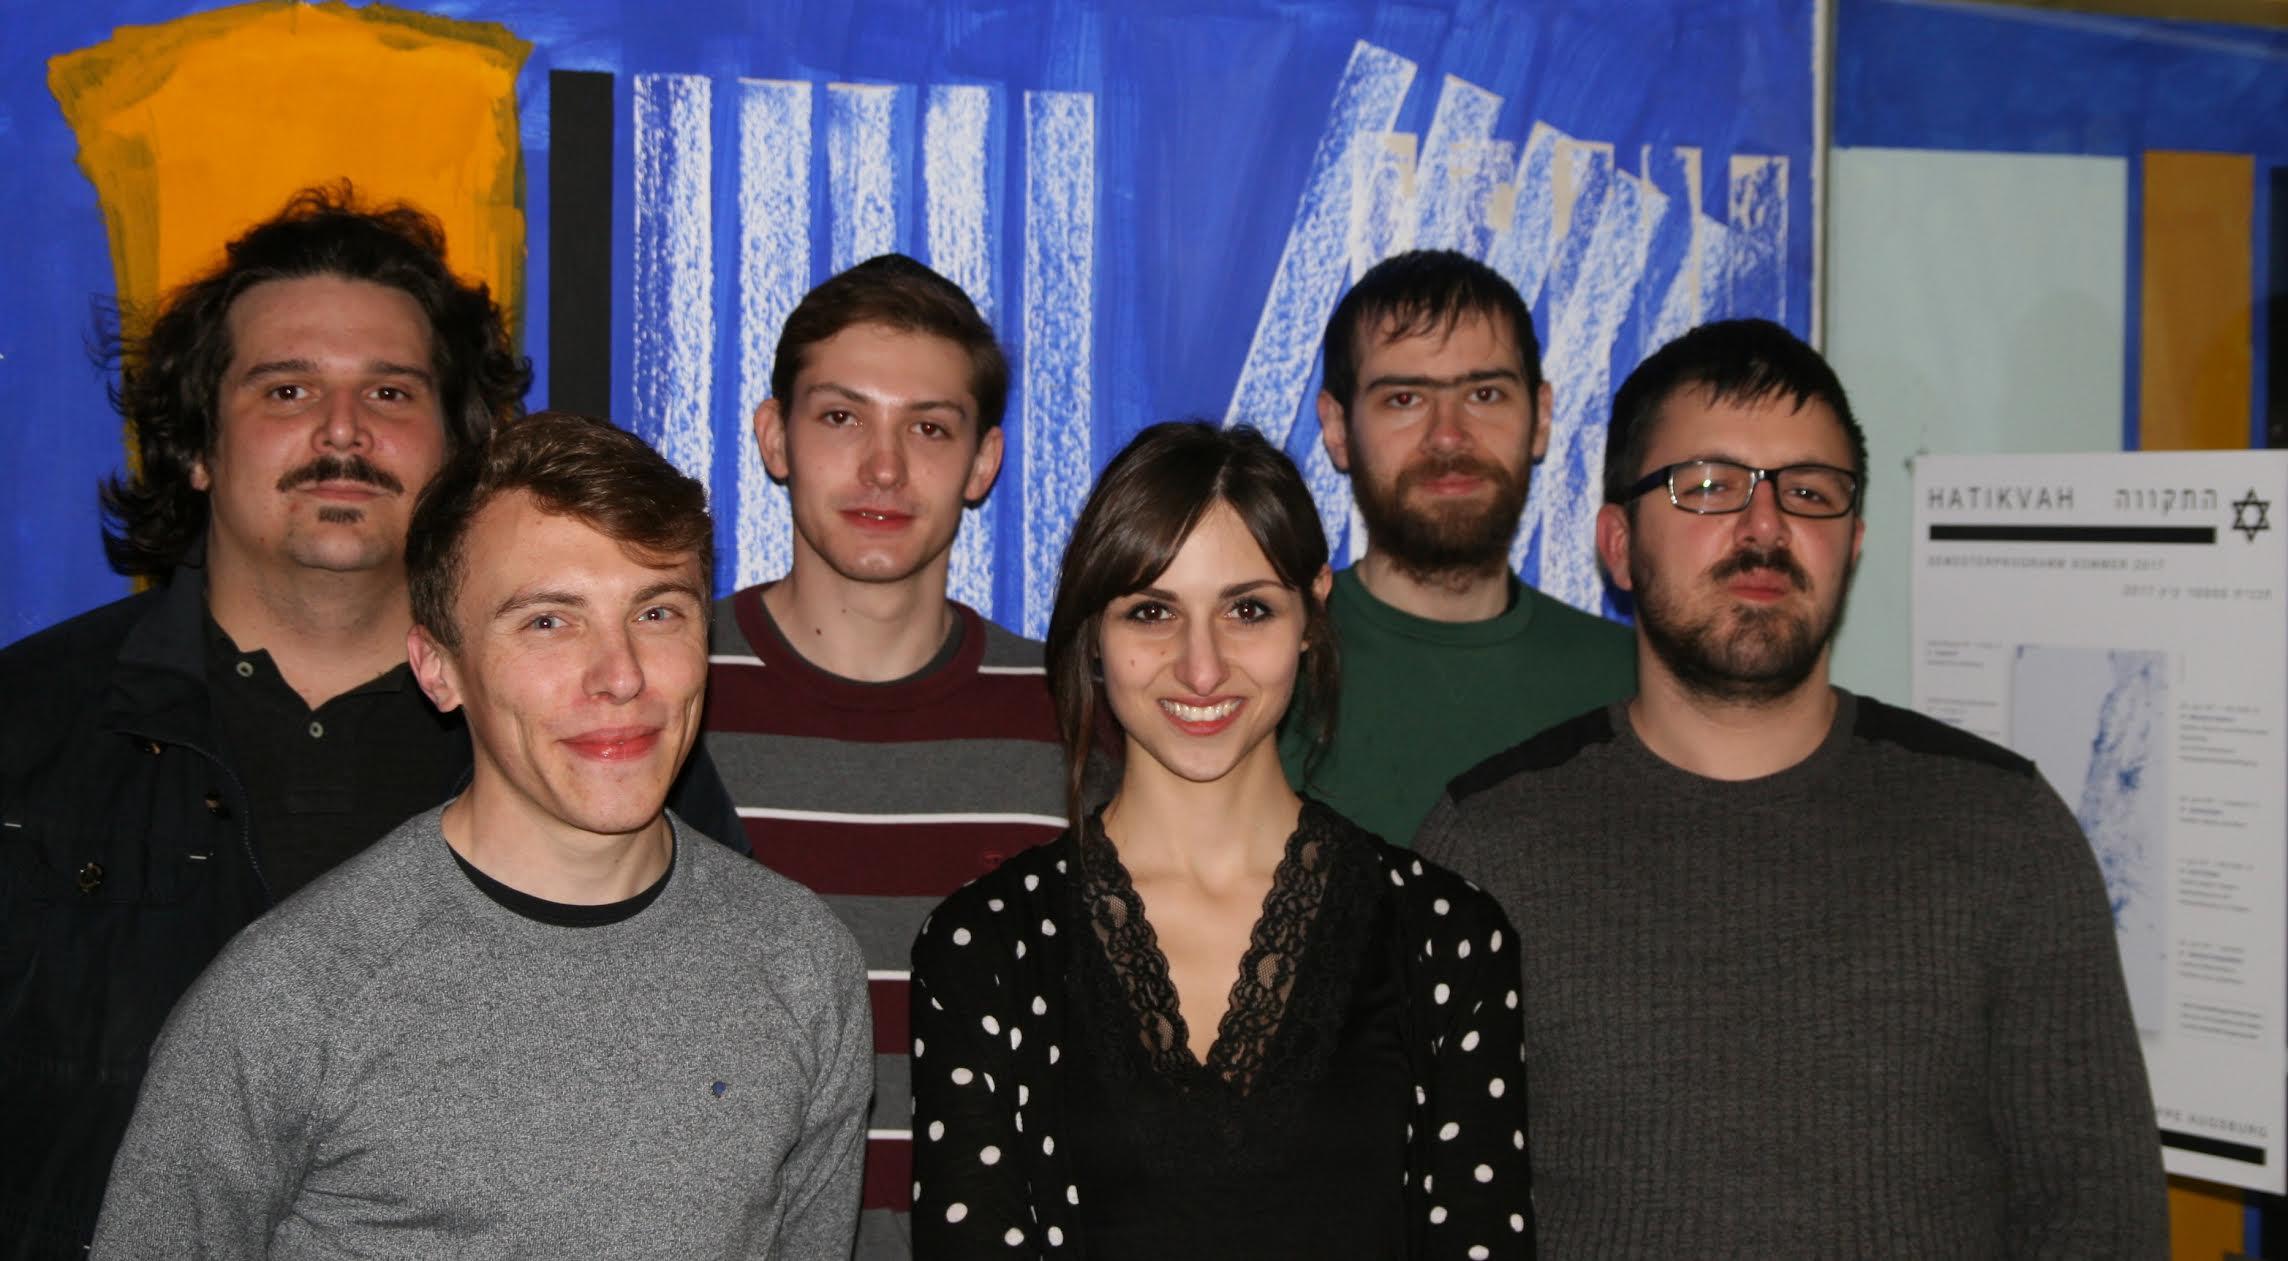 Gruppenbild mit Dame: Die Hochschulgruppe der DIG - (von links): Georg Tiroch, Dominik Drexel (Sprecher), Drahomir Klimsa, Sarah Melina Klein (Zweite Sprecherin), Michael Weiss, Emrullah Günes